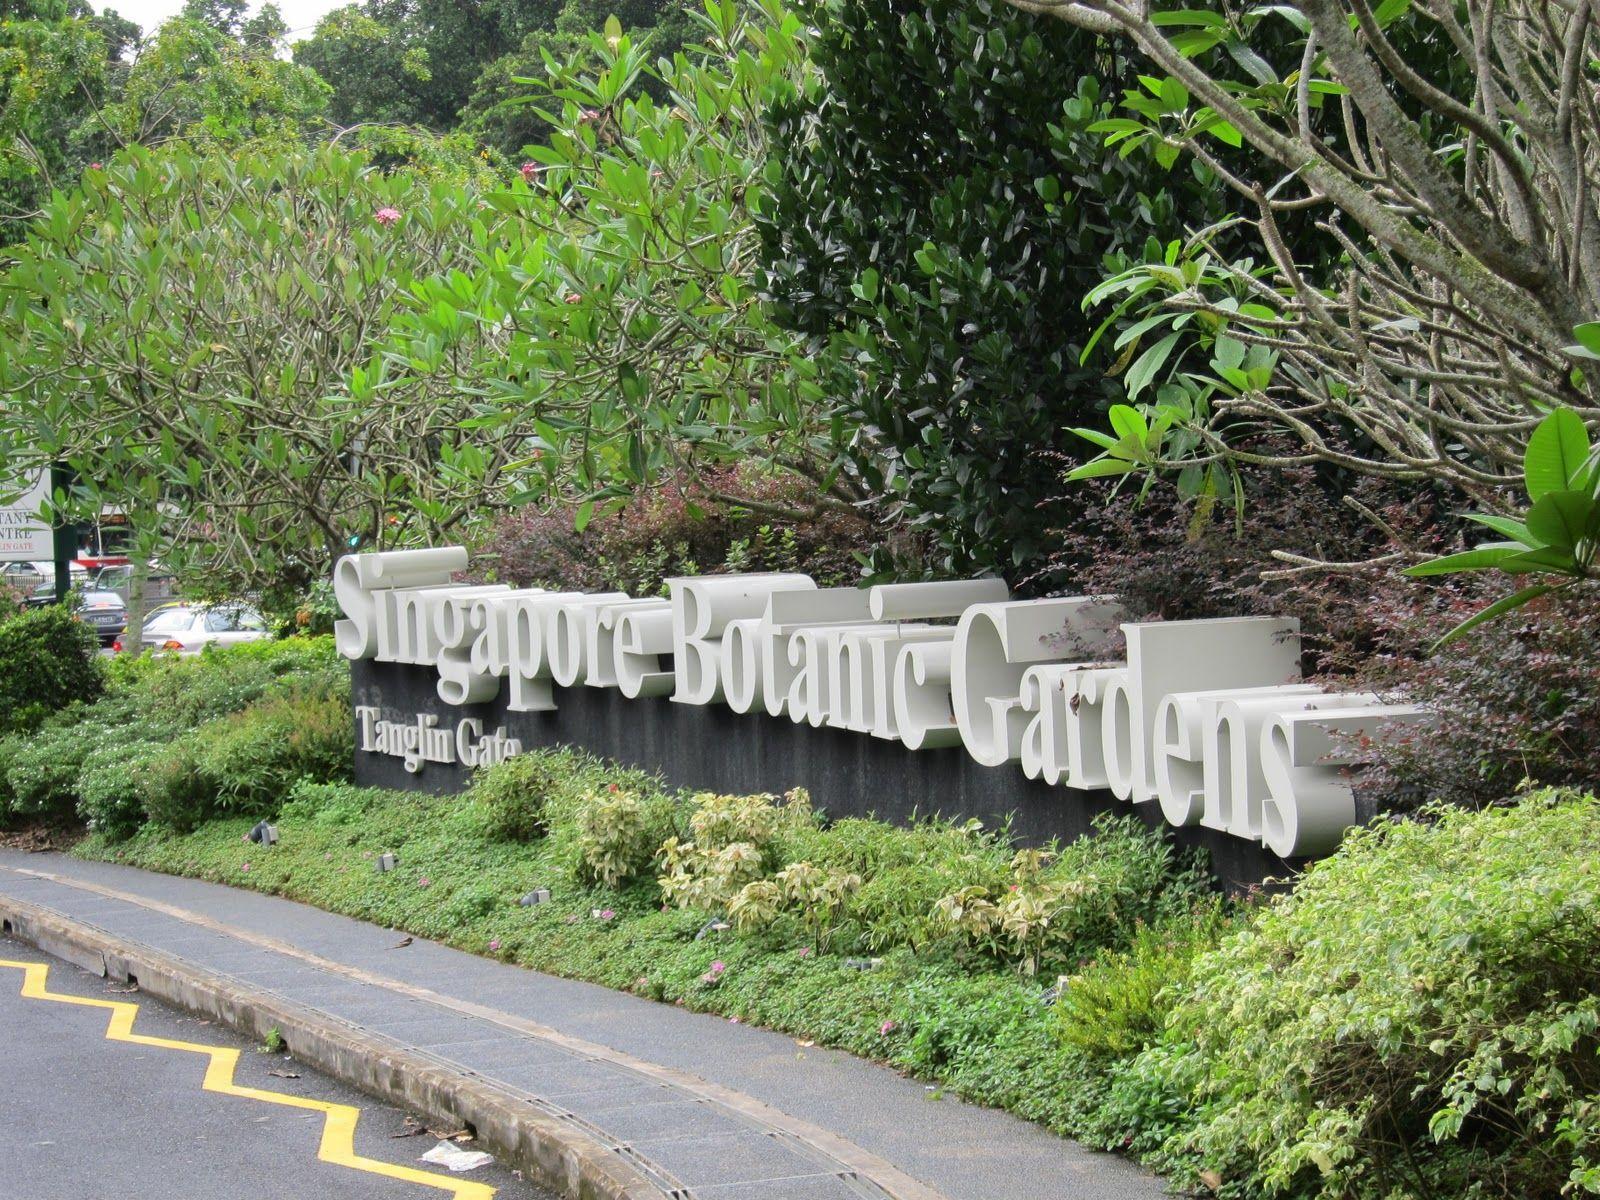 Singapore Botanic Gardens Vườn Bách Thảo ở Singapore